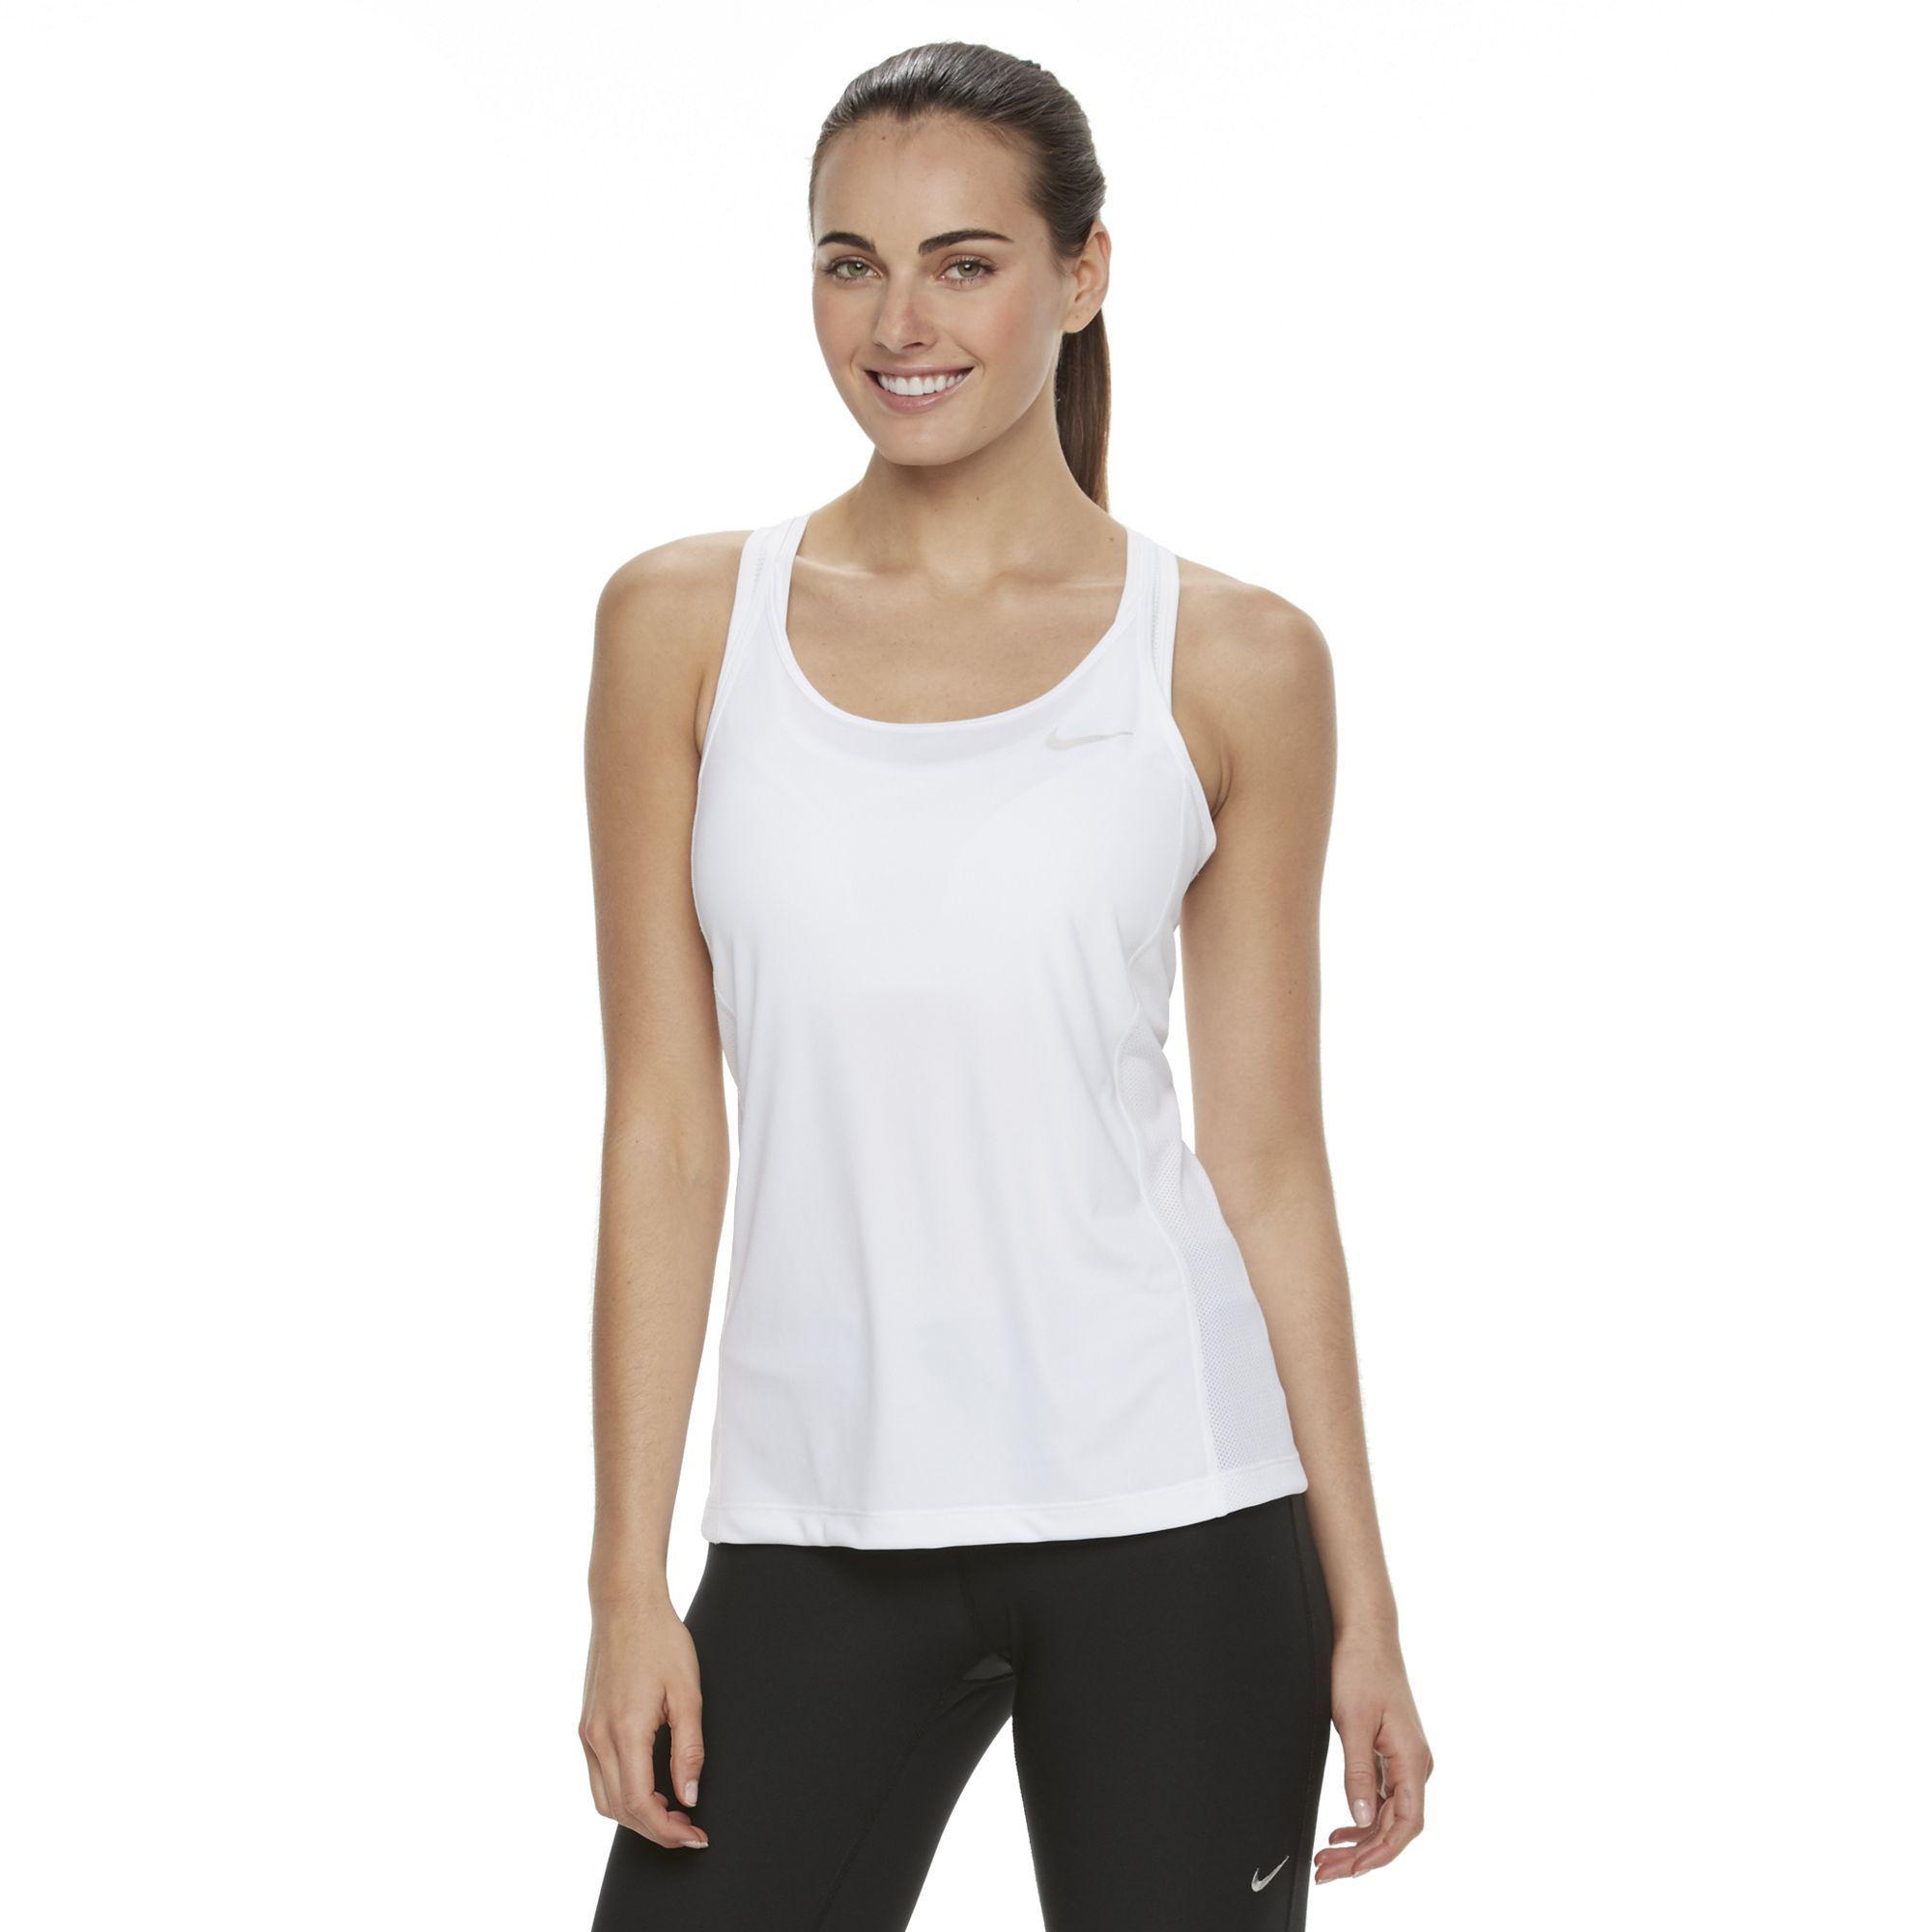 d4662369c9e50 Women s Nike Dri-FIT Mesh Racerback Tank Top